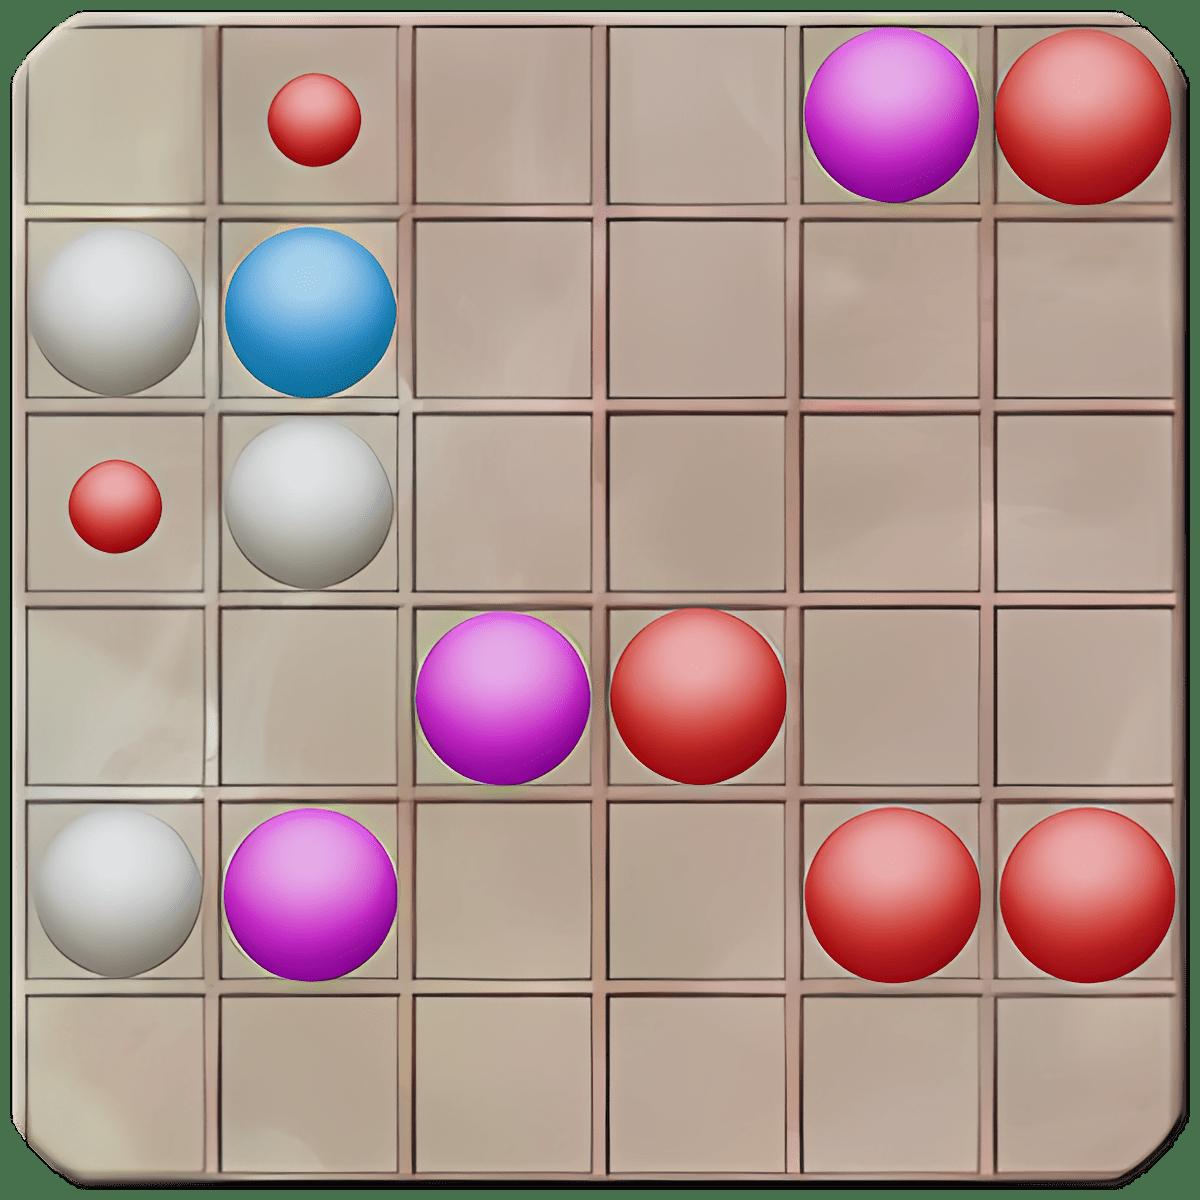 Color Balls 1.48